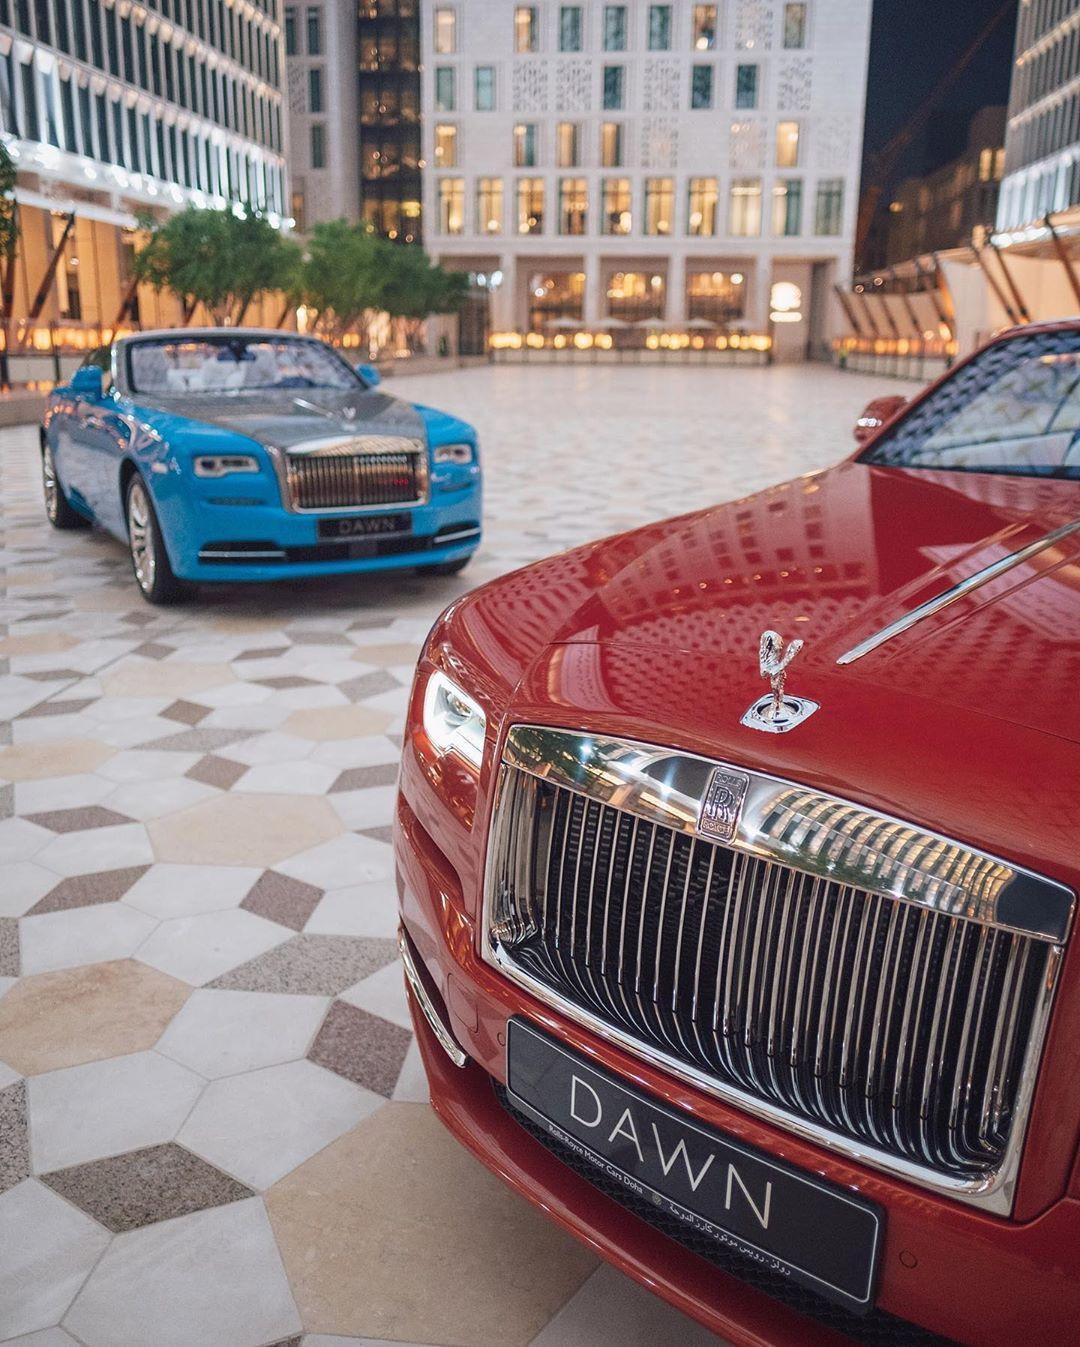 Rolls Royce Dawn Rental Dubai In 2020 Luxury Car Rental Car Rental Sports Cars Luxury